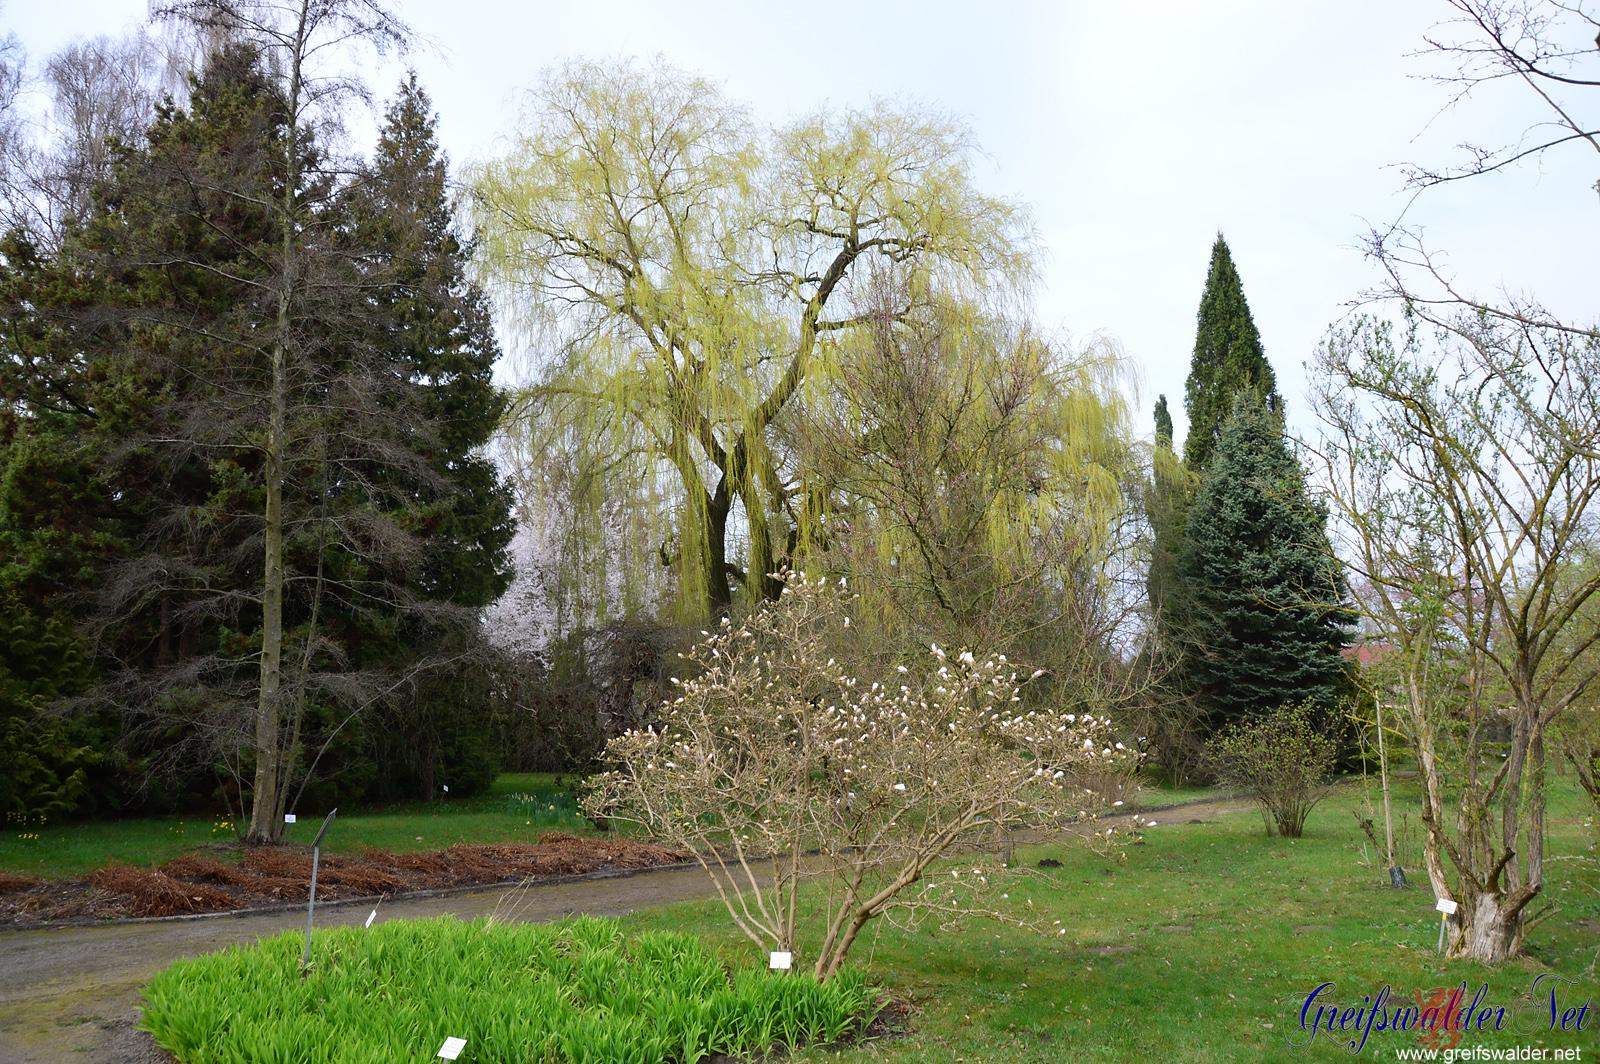 grün und bunt im Arboretum